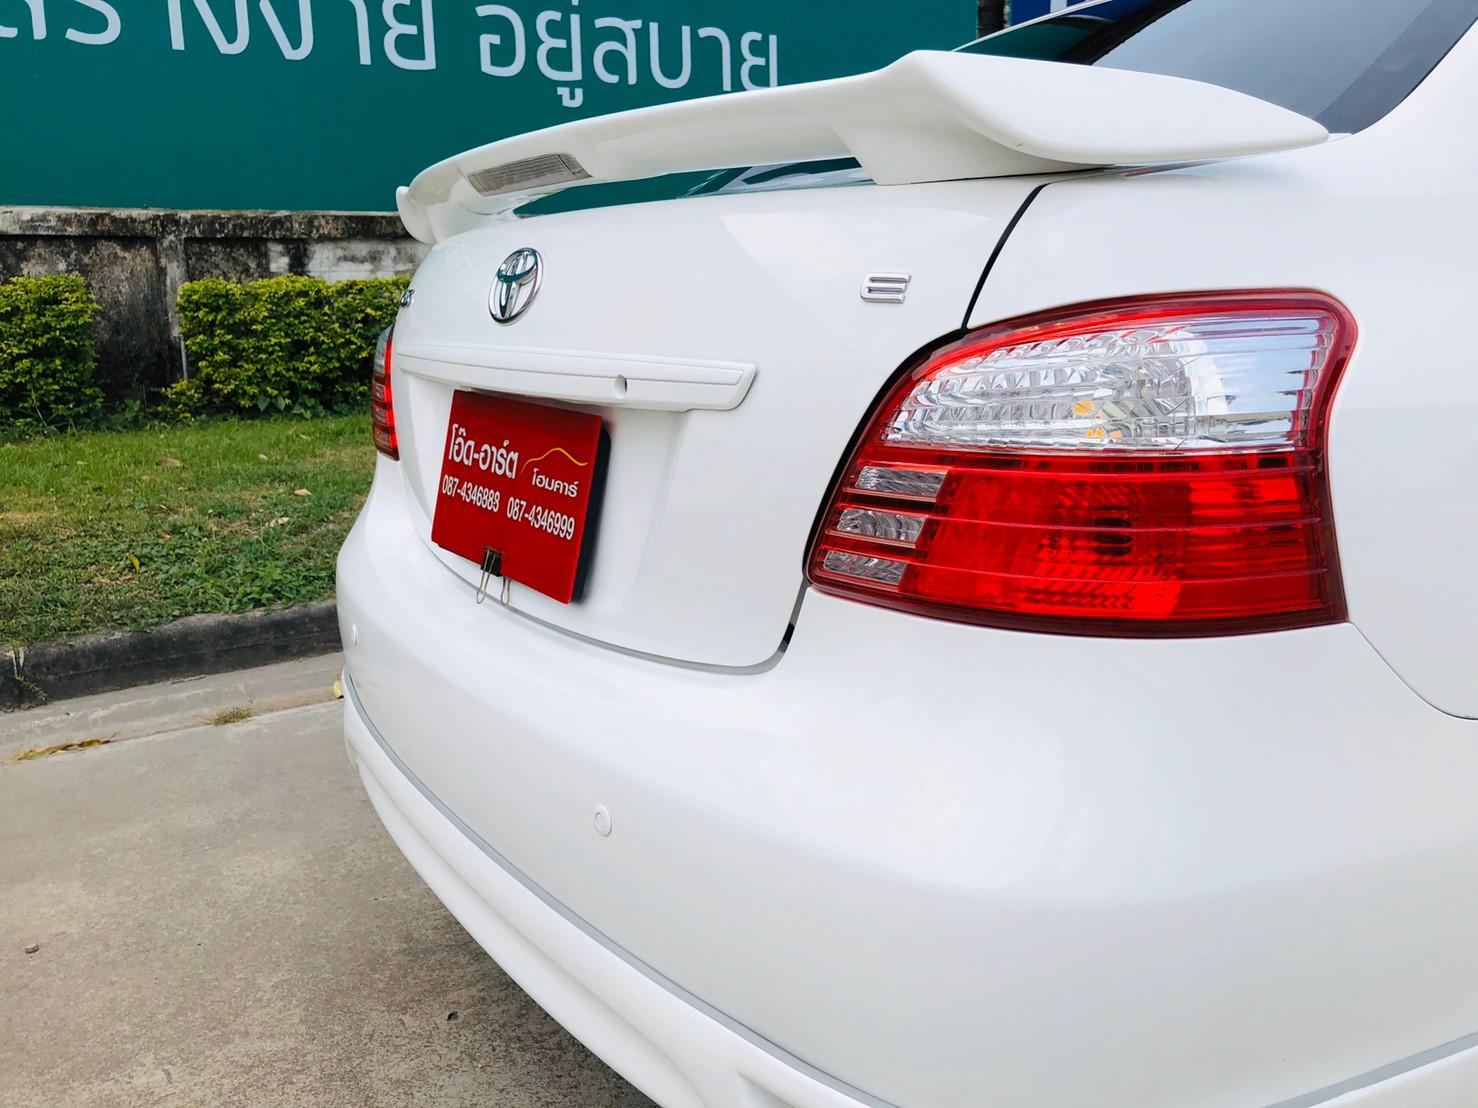 ภาพไฟท้าย โตโยต้า วีออส 1.5 ABS AIRBAG ปี 2011